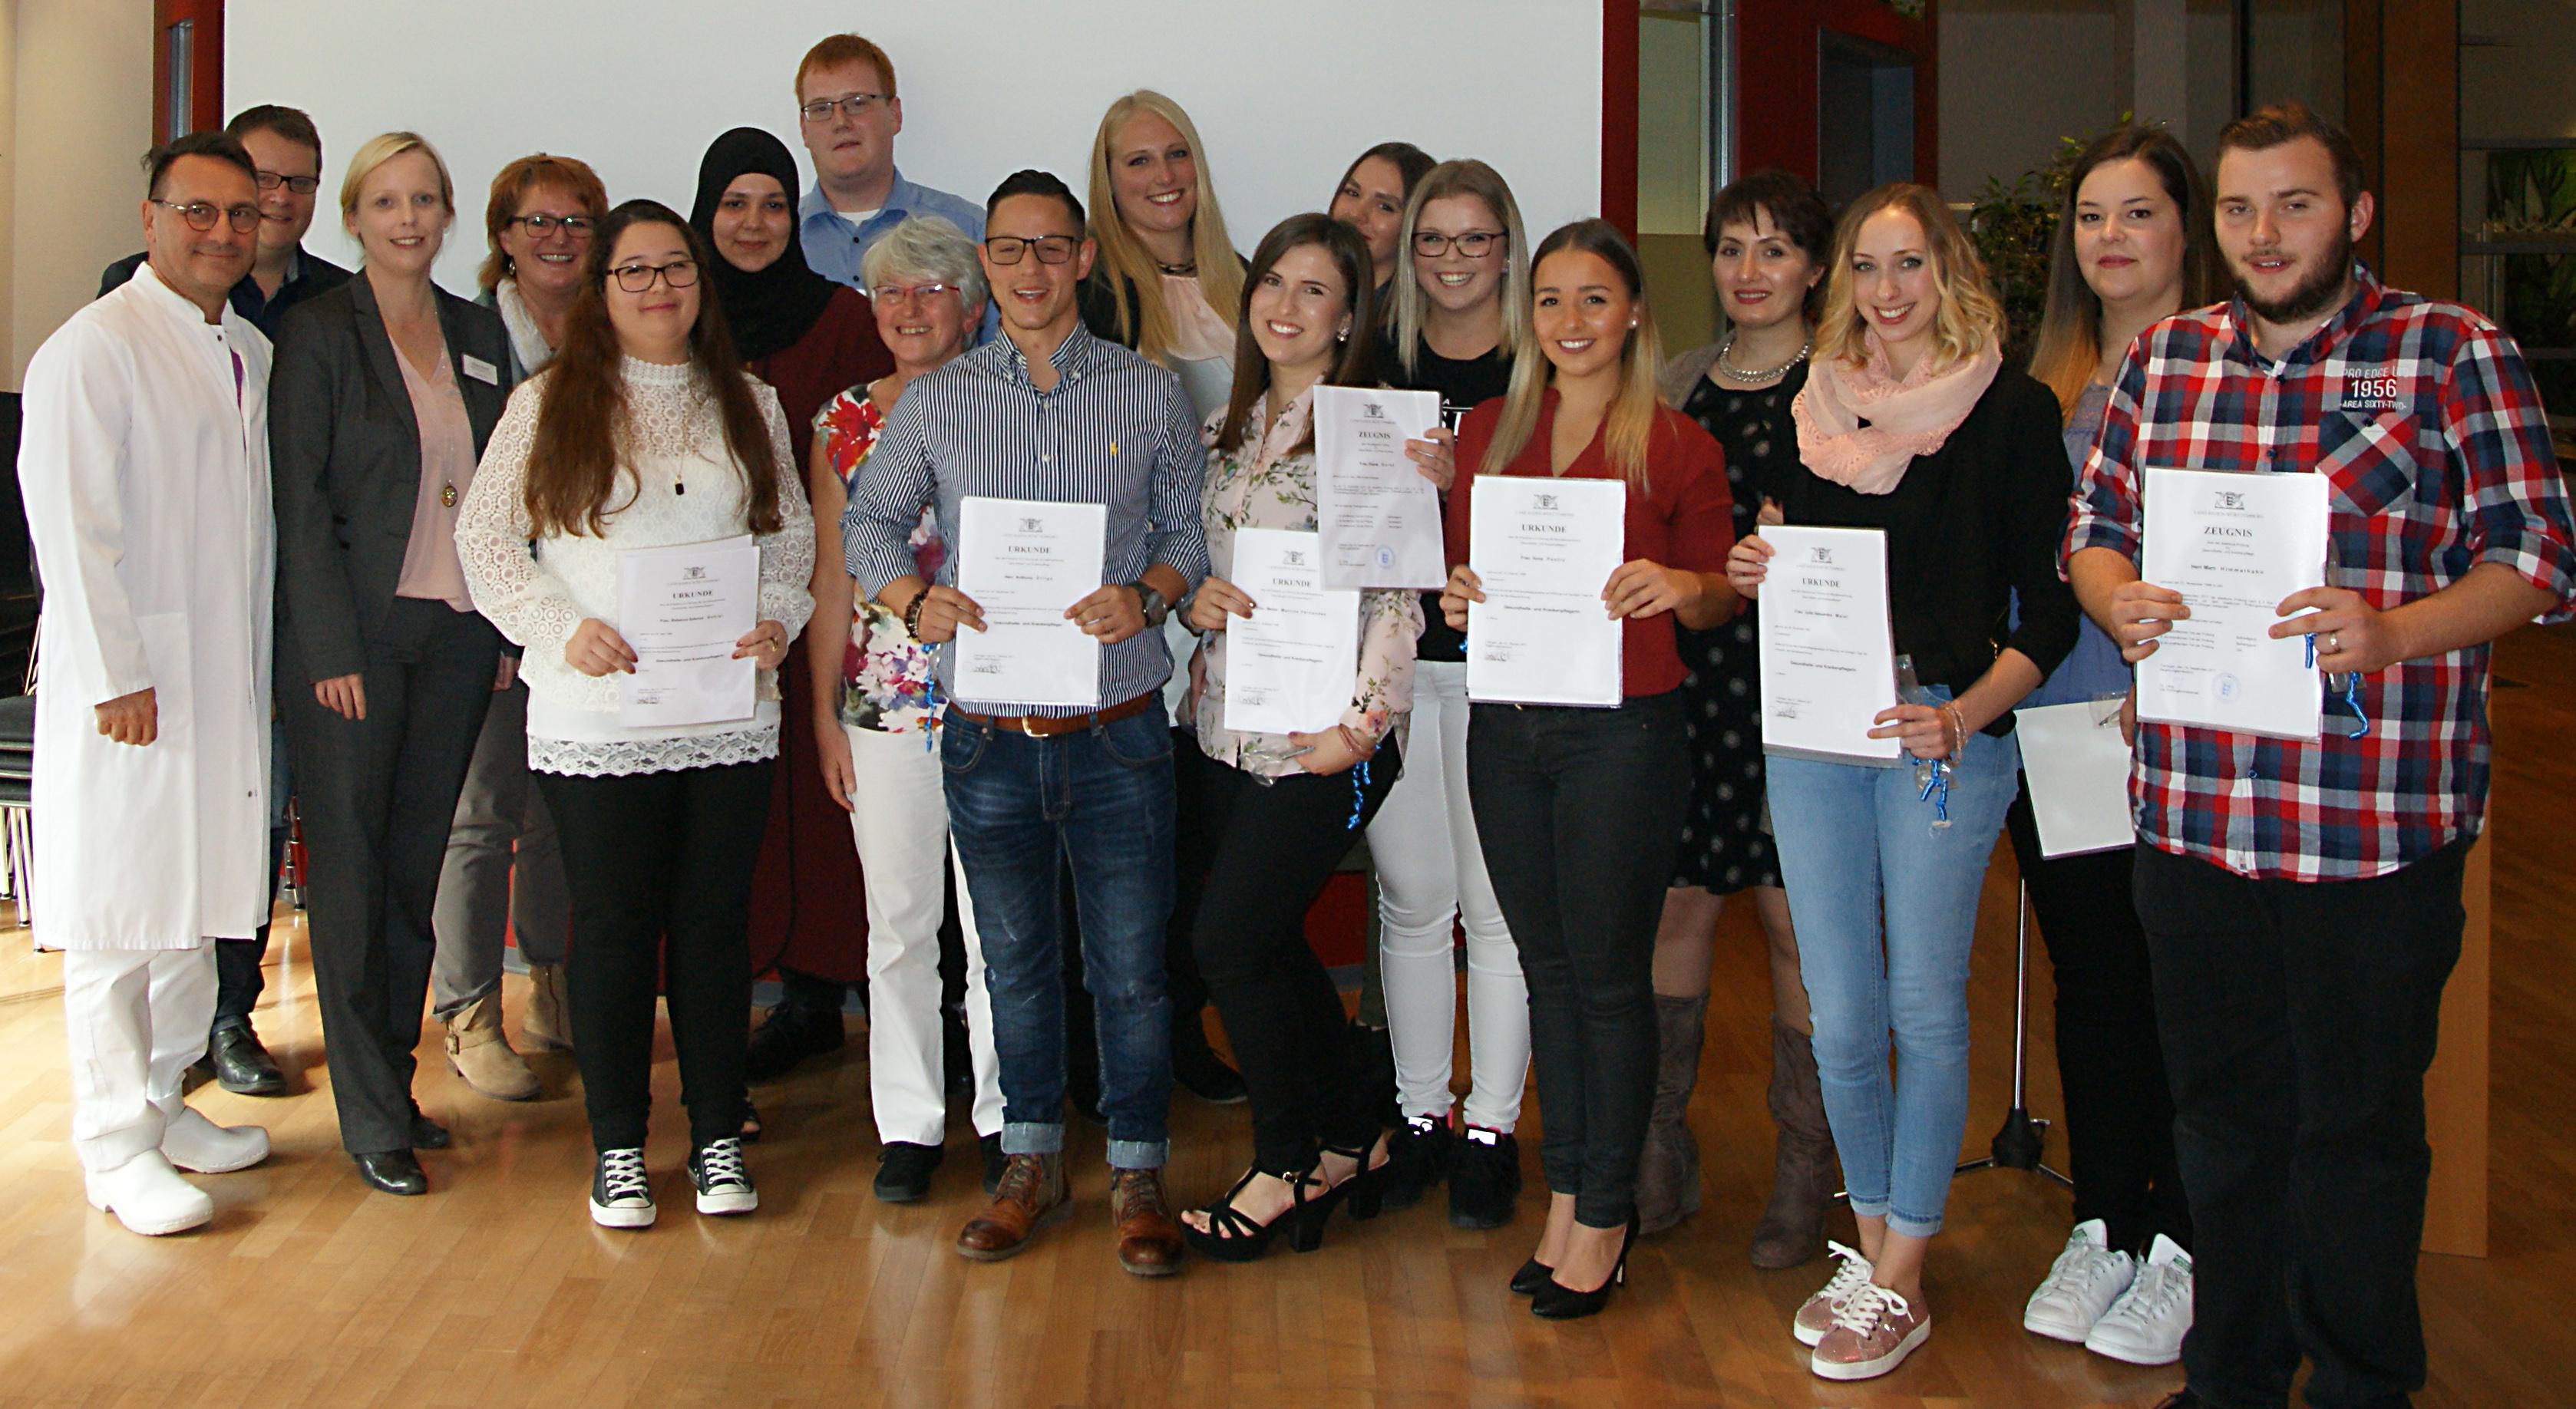 Schüler der Krankenpflegeschule der ADK GmbH für Gesundheit und Soziales